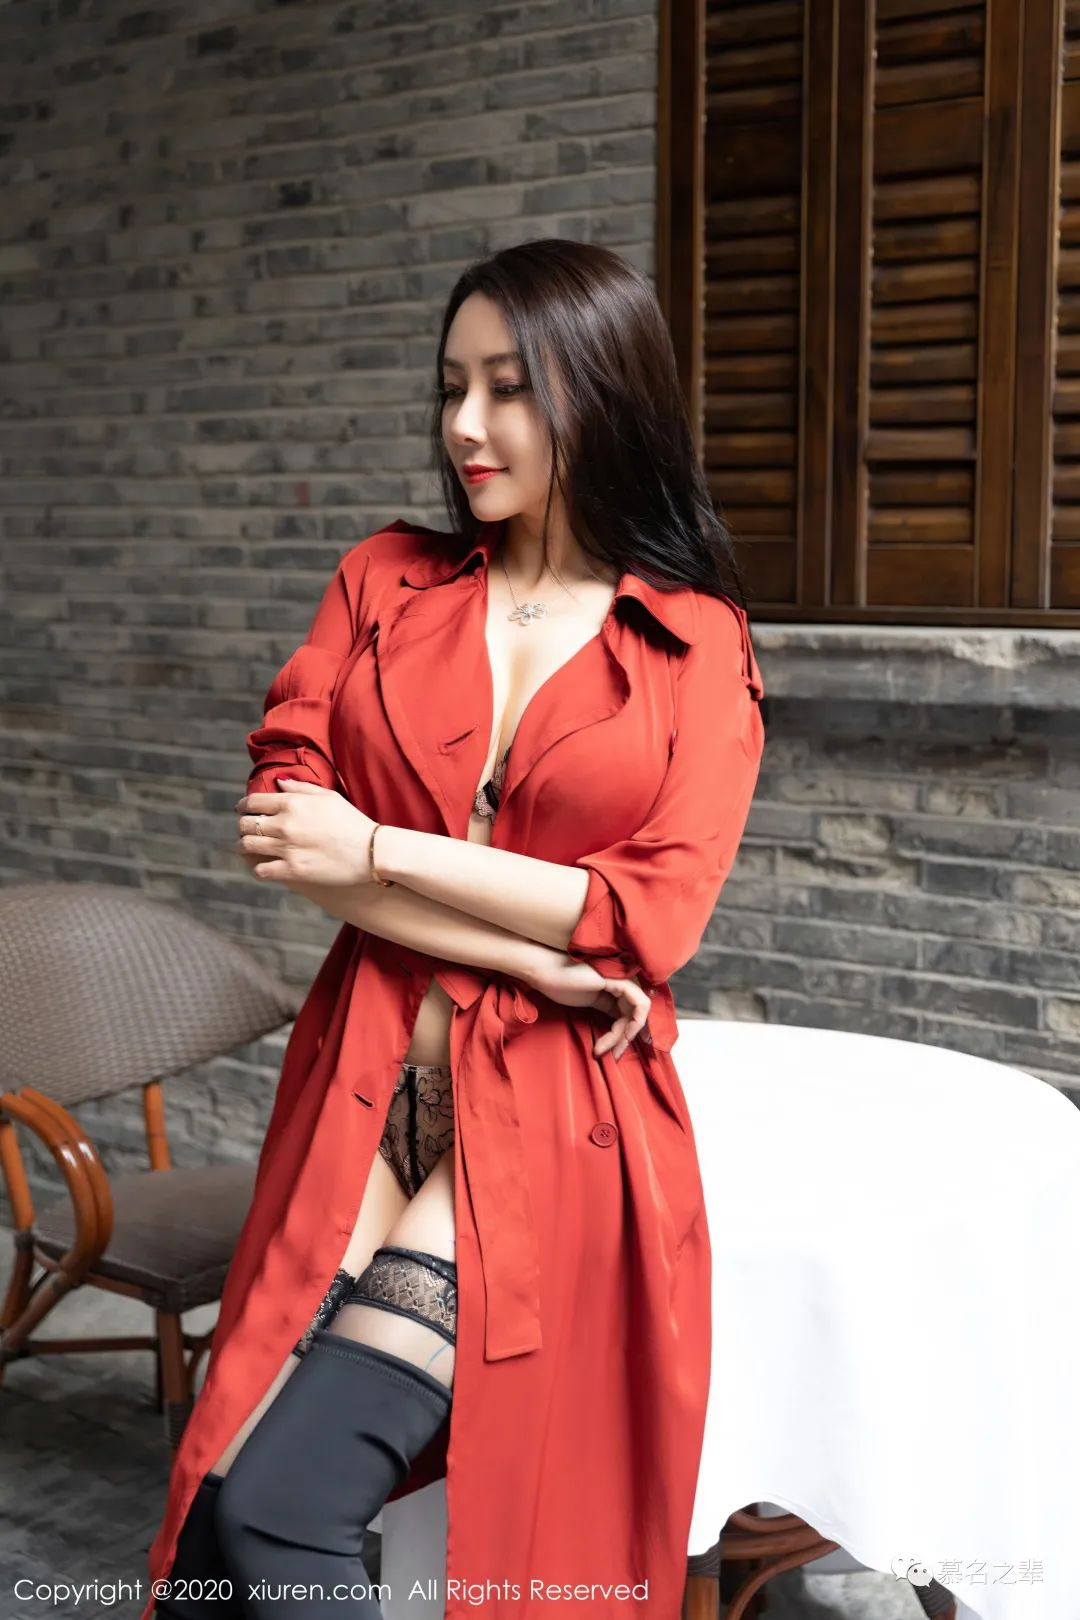 私房模特写真——松果儿Victoria(F罩杯)44